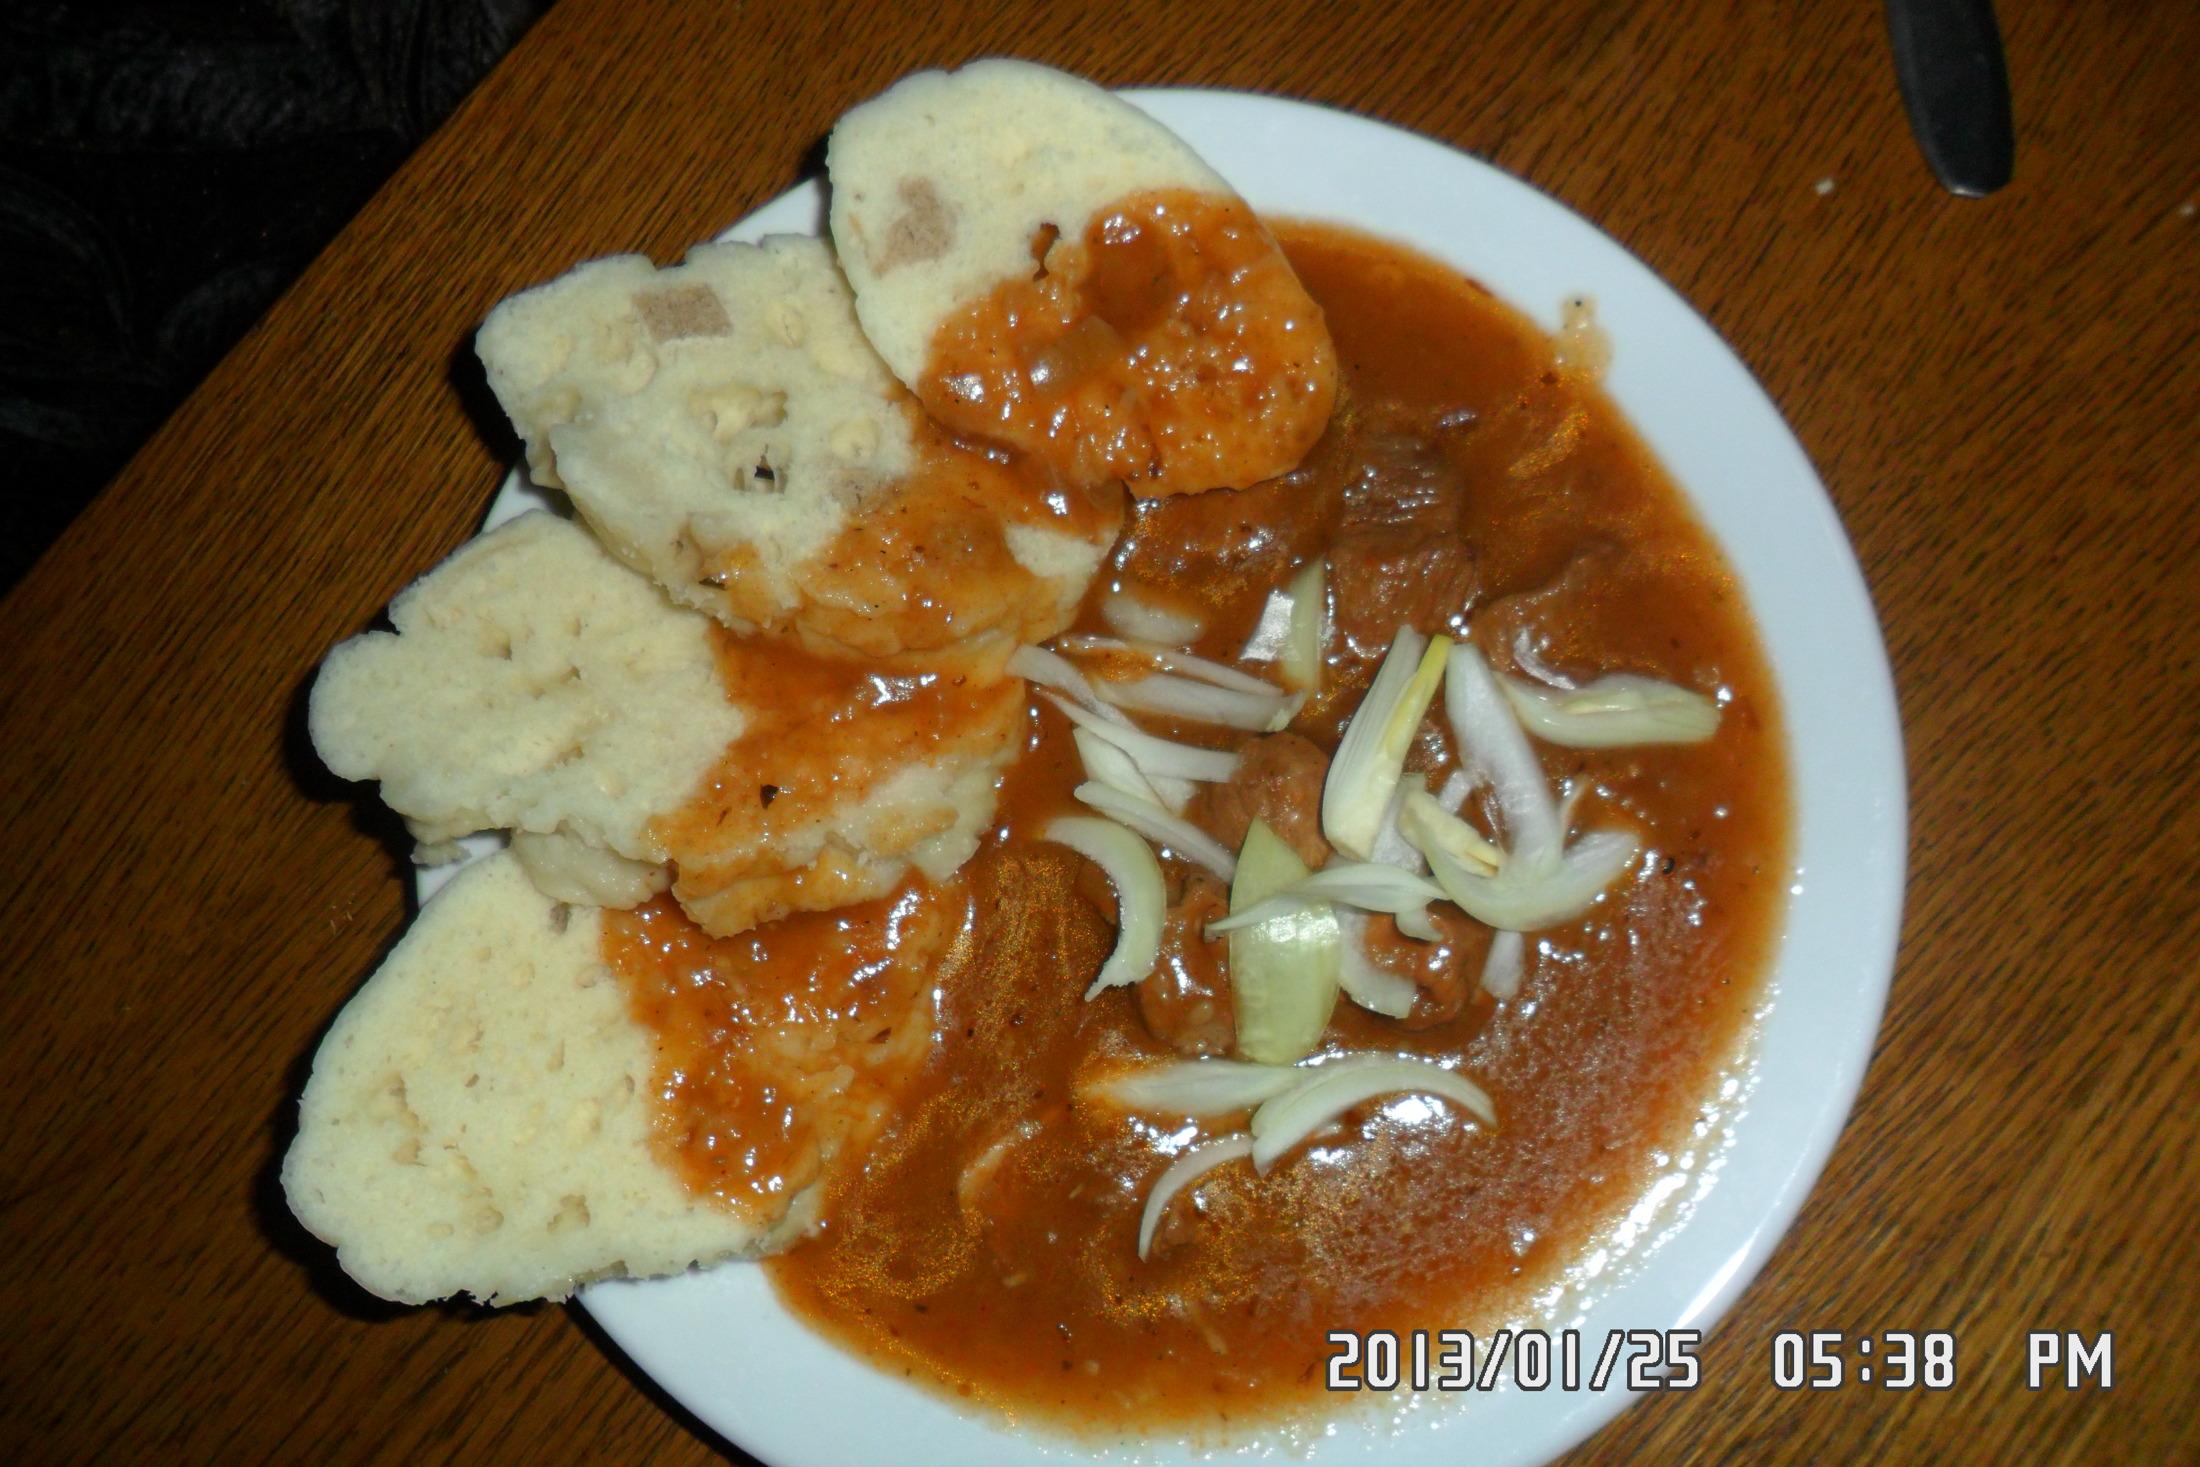 Recept Hospodský vepřový guláš - Takto dopadl můj guláš, znám lepší, ale byl dobrý.